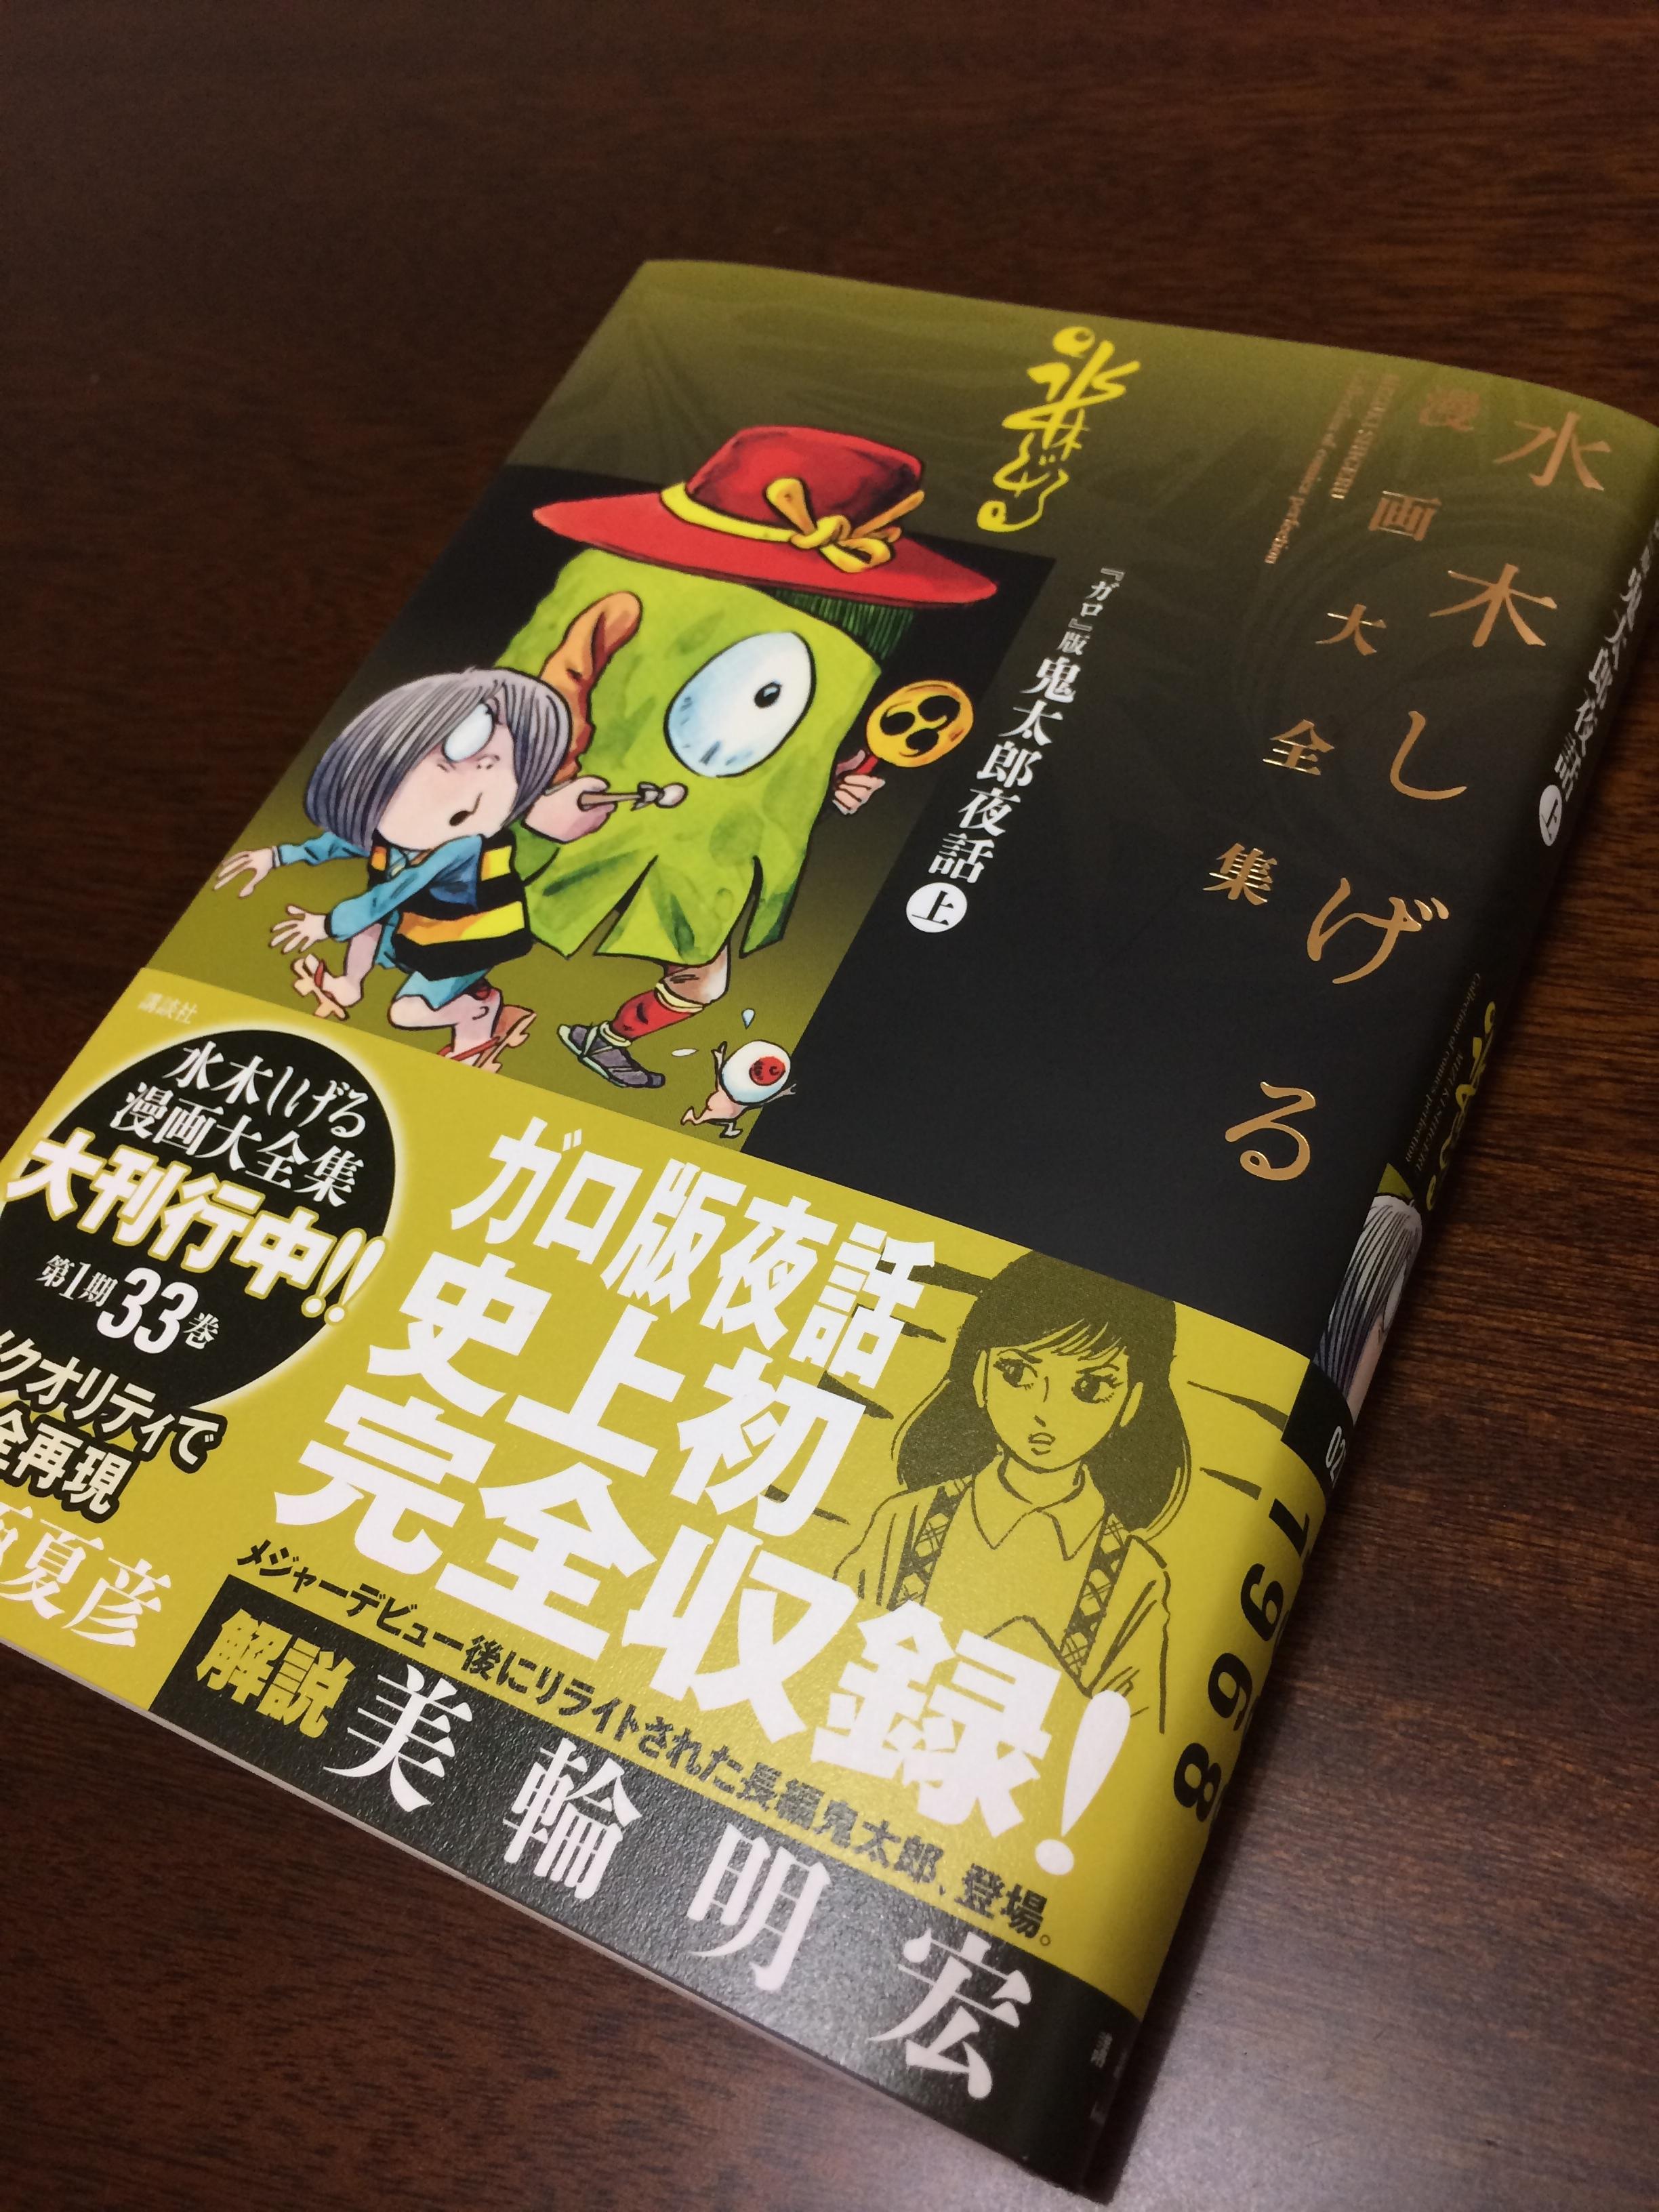 ガロ版鬼太郎夜話(上)をレビュー!水木しげる漫画大全集シリーズ